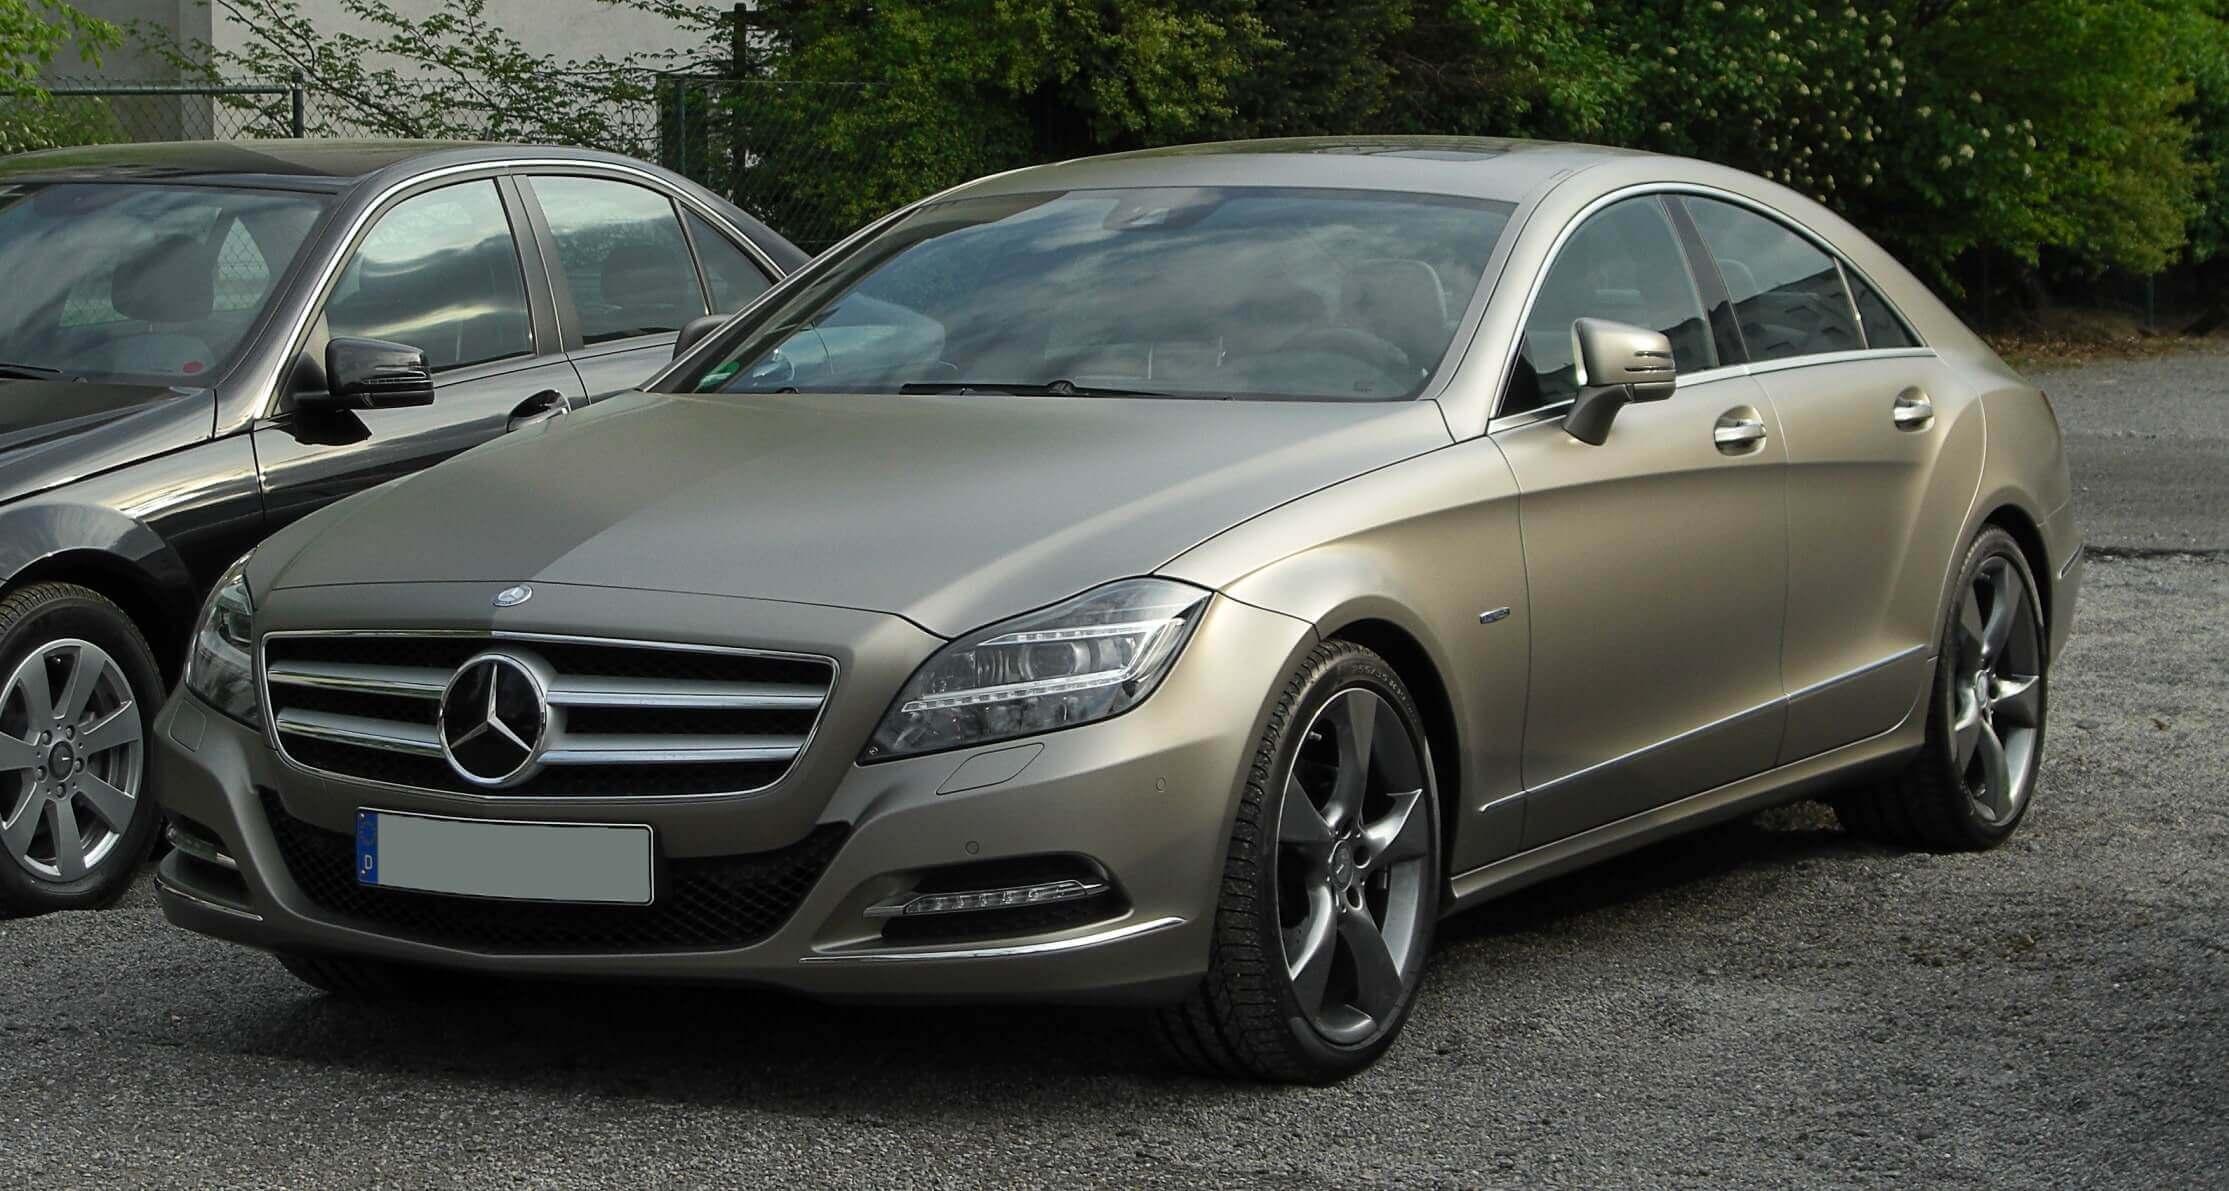 Mercedes Cls W218 Segunda Generación